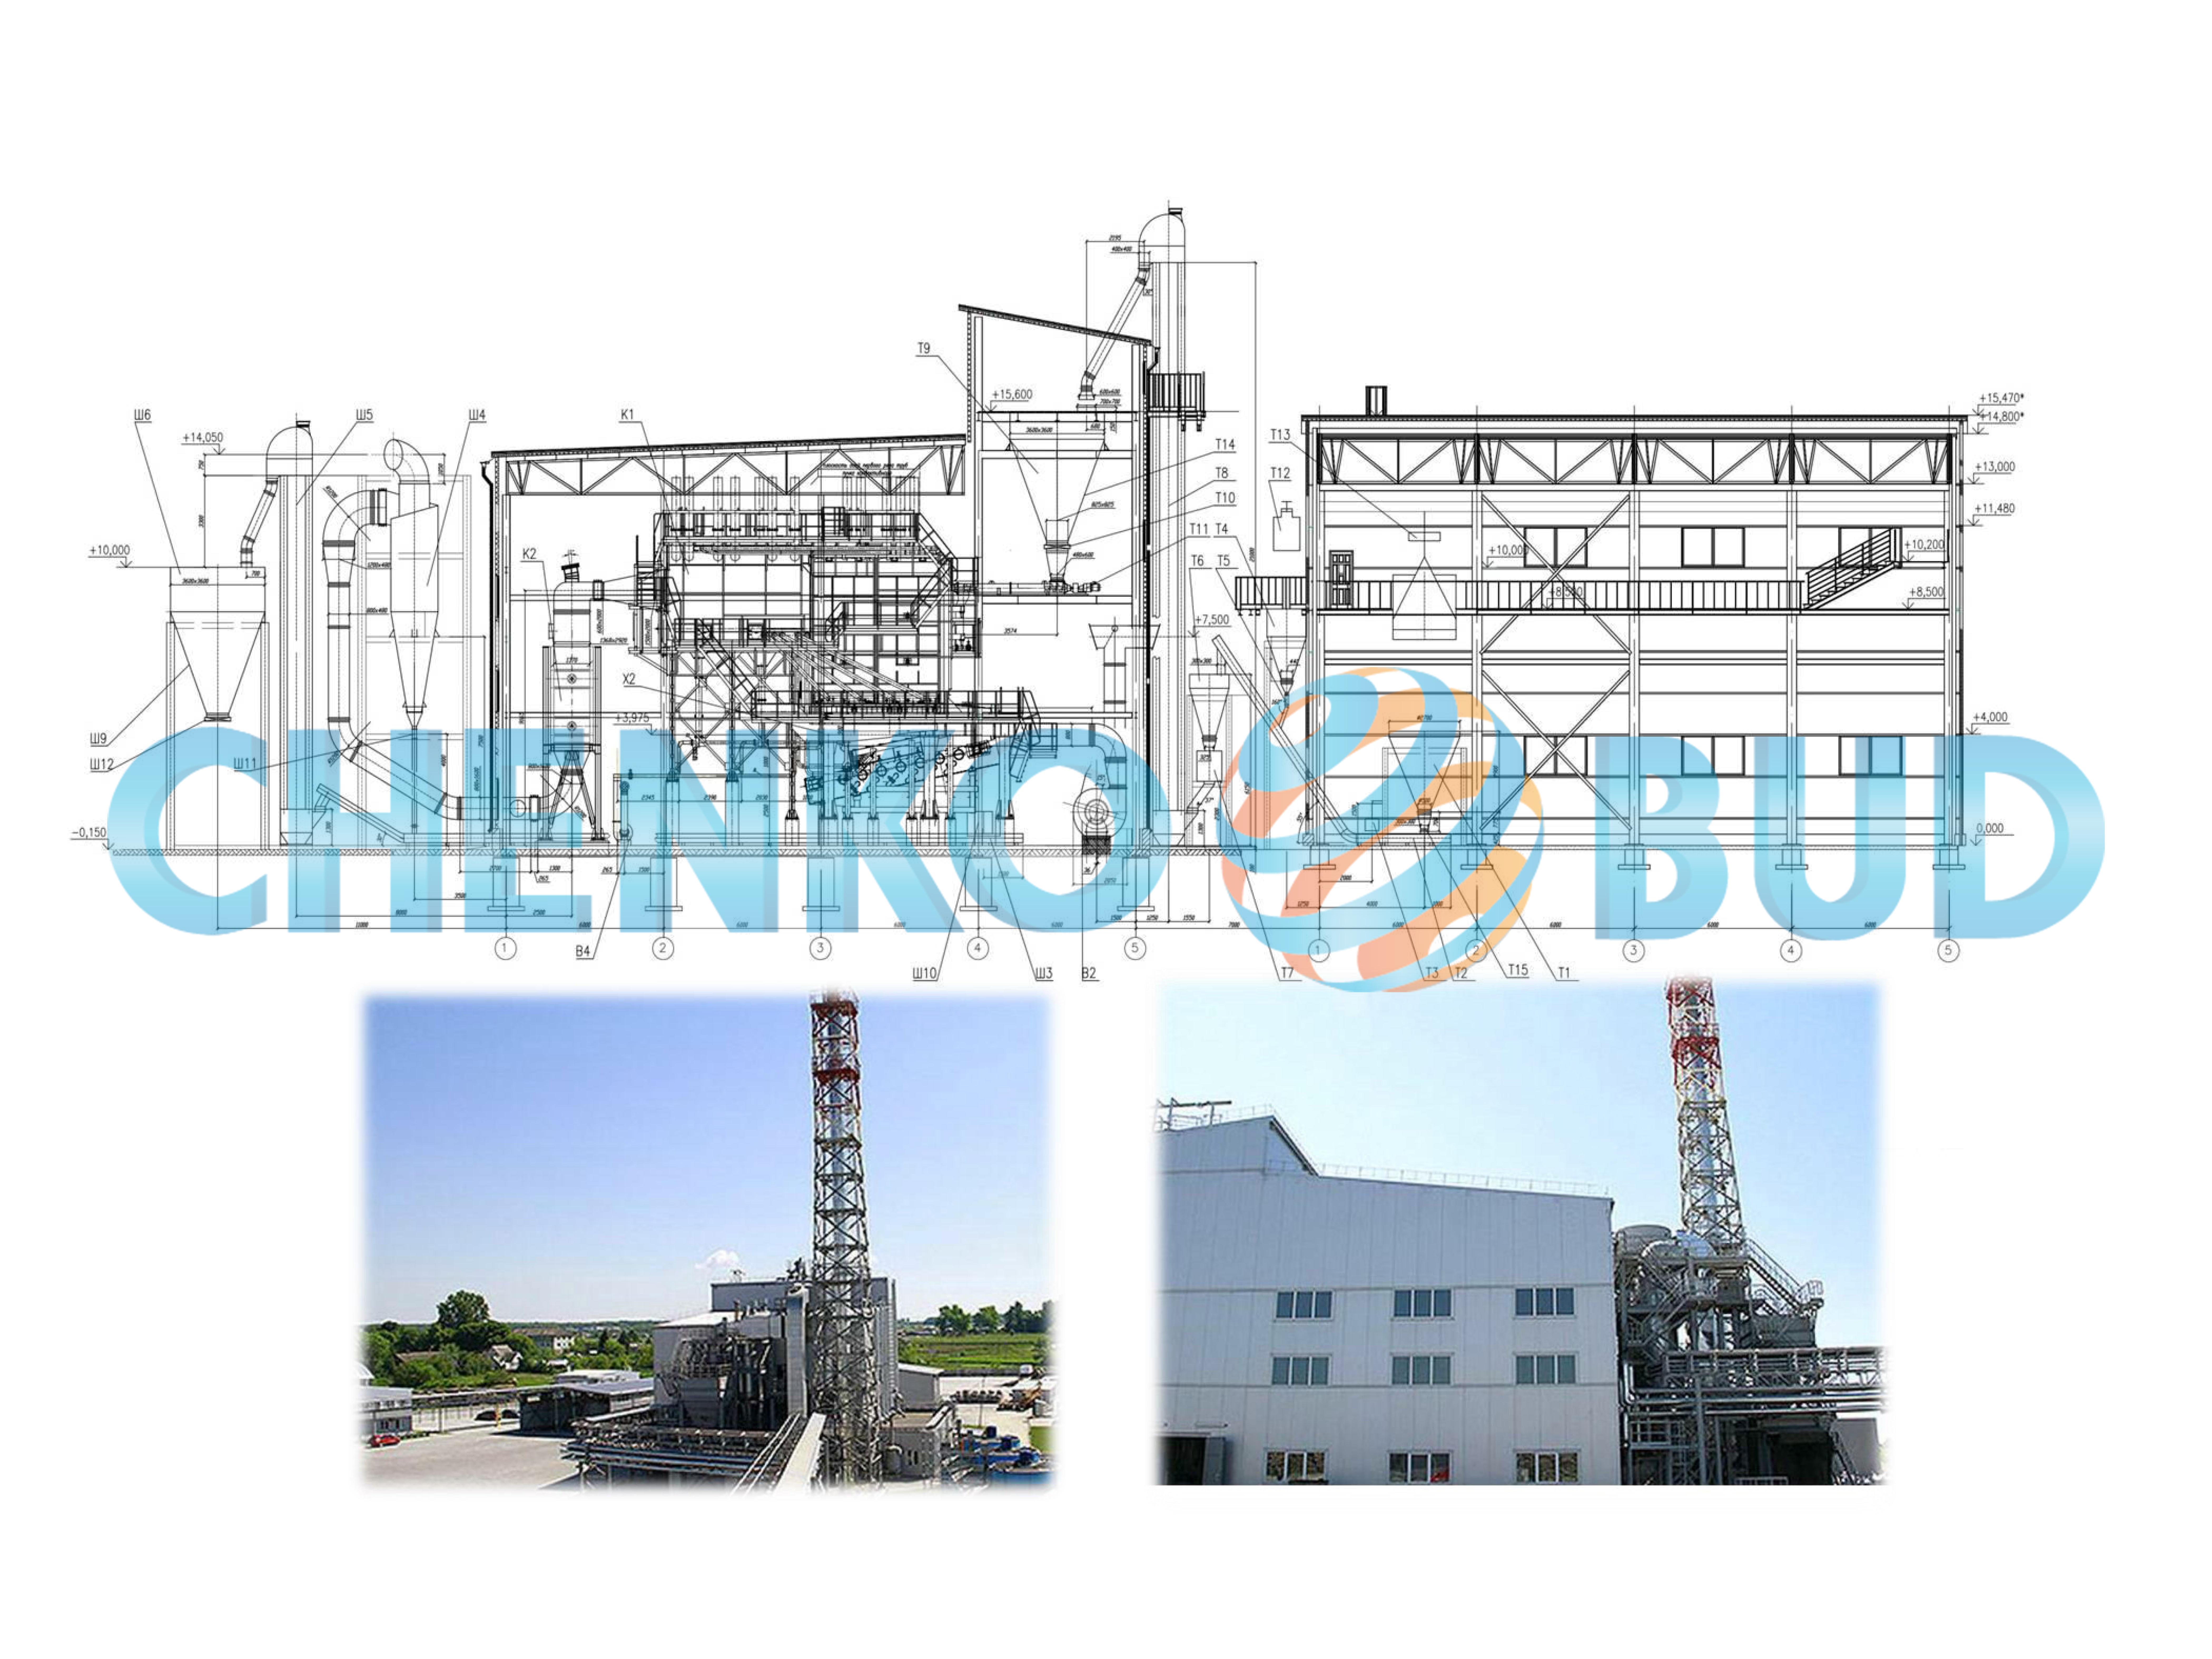 «Реконструкция-котельной-для-обеспечения-объектов-тепловой-энергией»